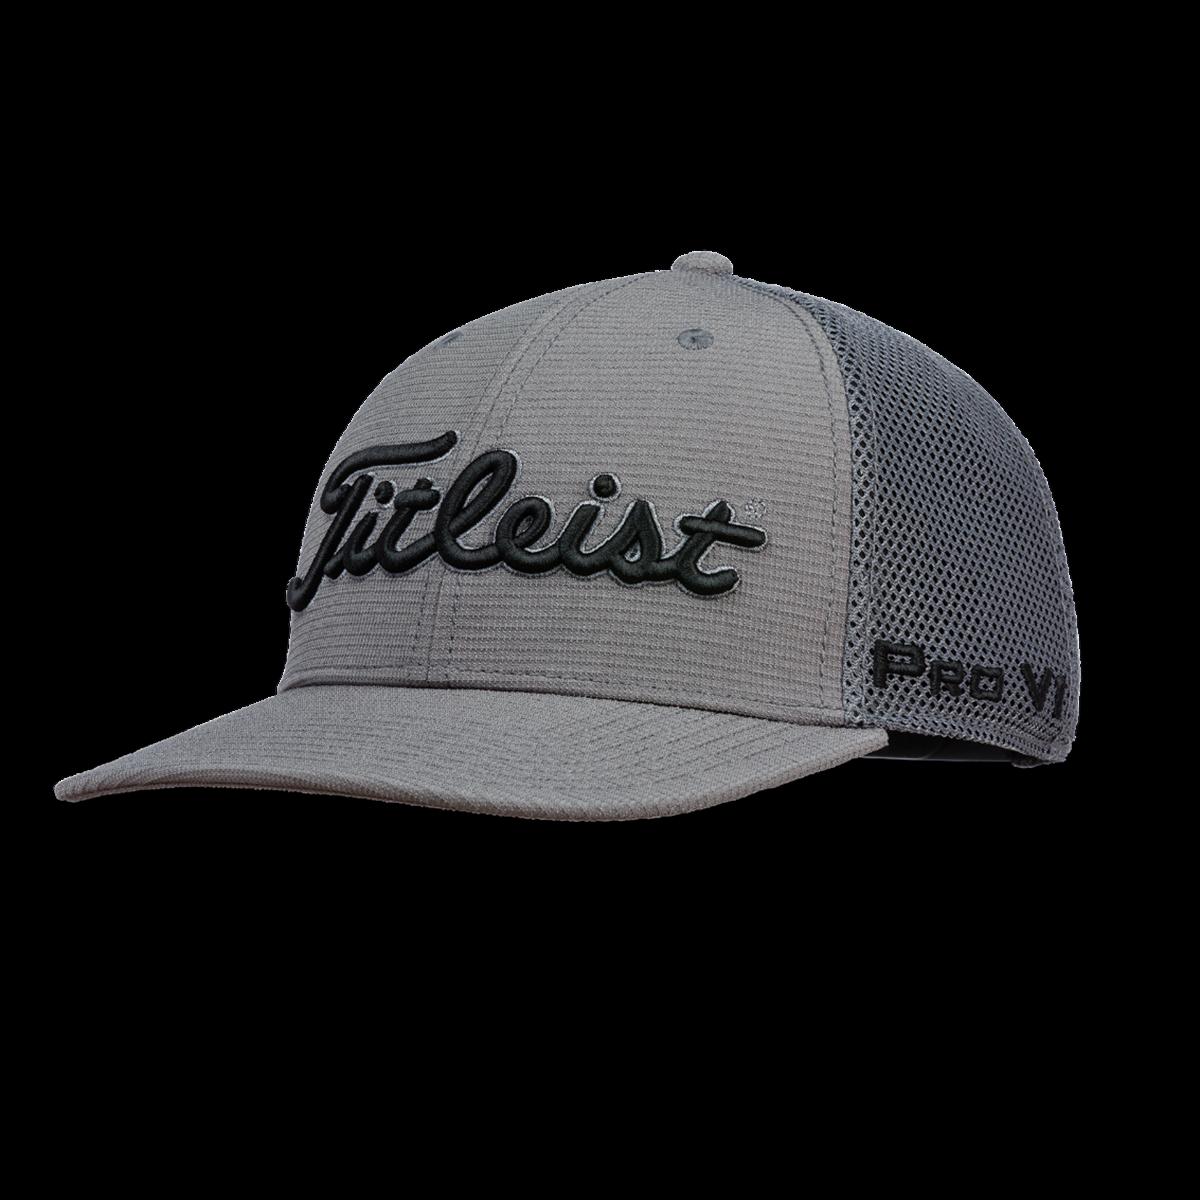 Titleist Tour Snapback Mesh Hat 297f0c1da0f